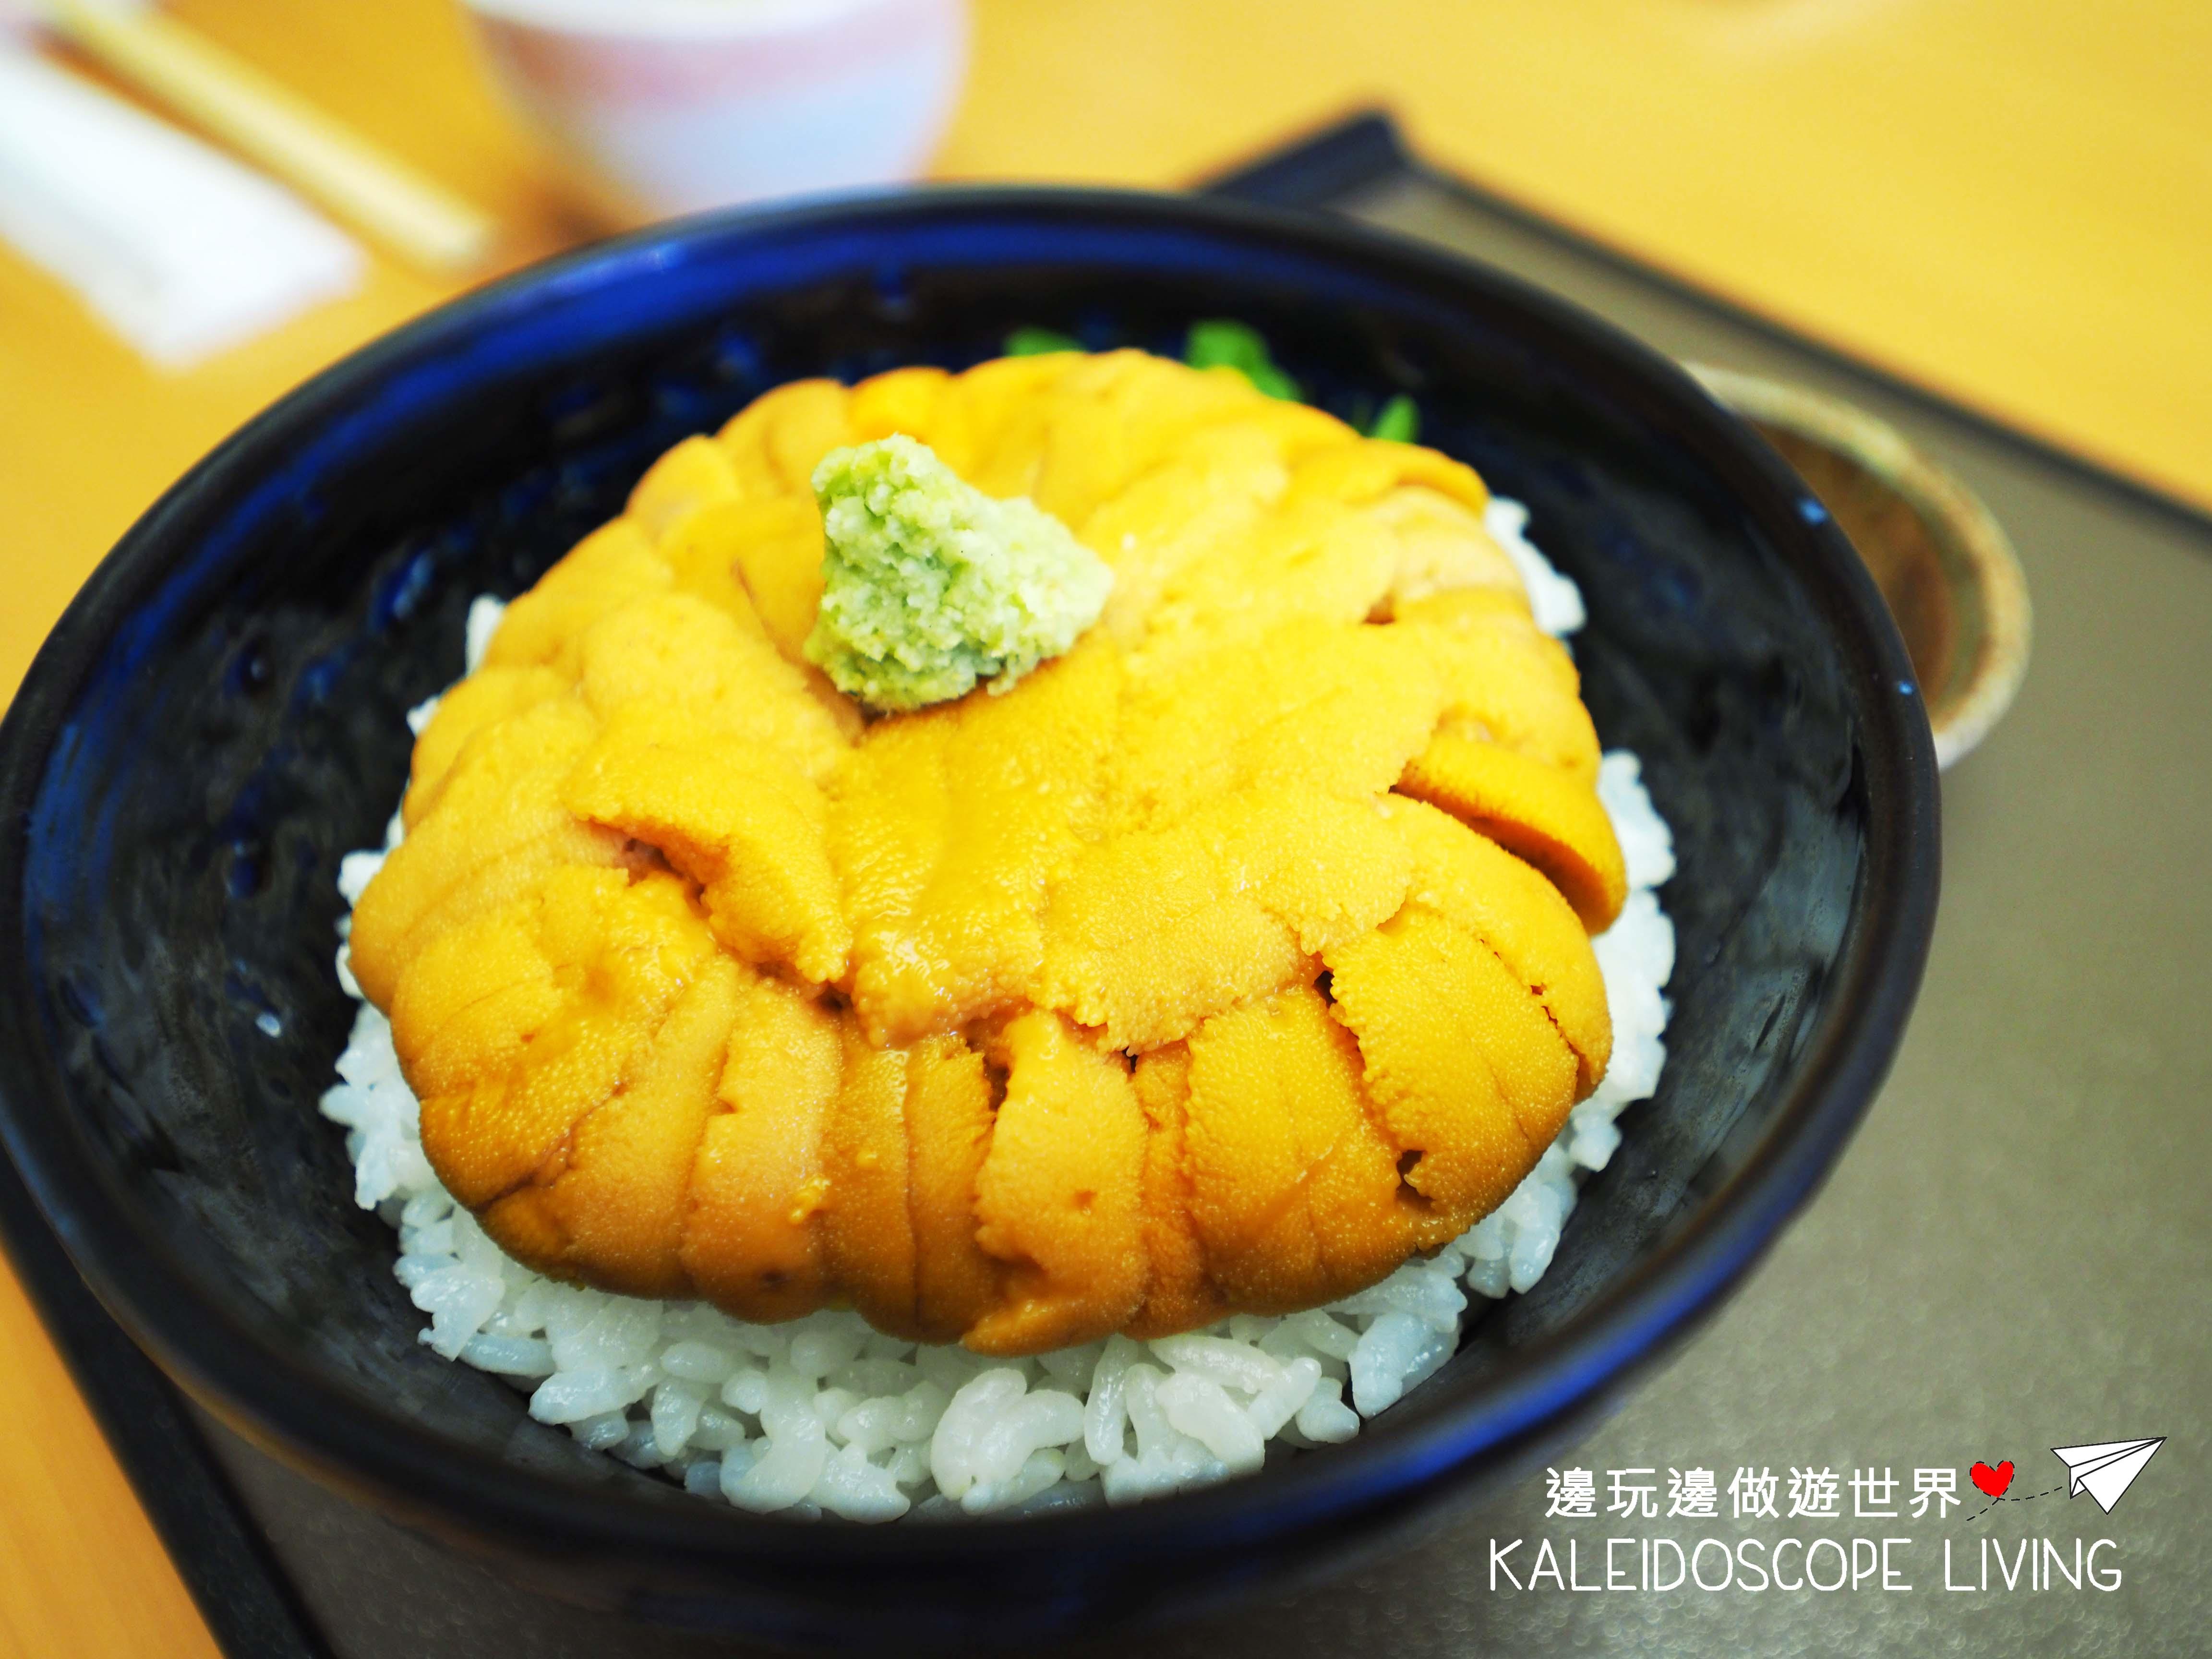 Travel_Hokkaido_Hakodate_Restaurant_Uni_Murakami_北海道_函館_むらかみ_海膽飯